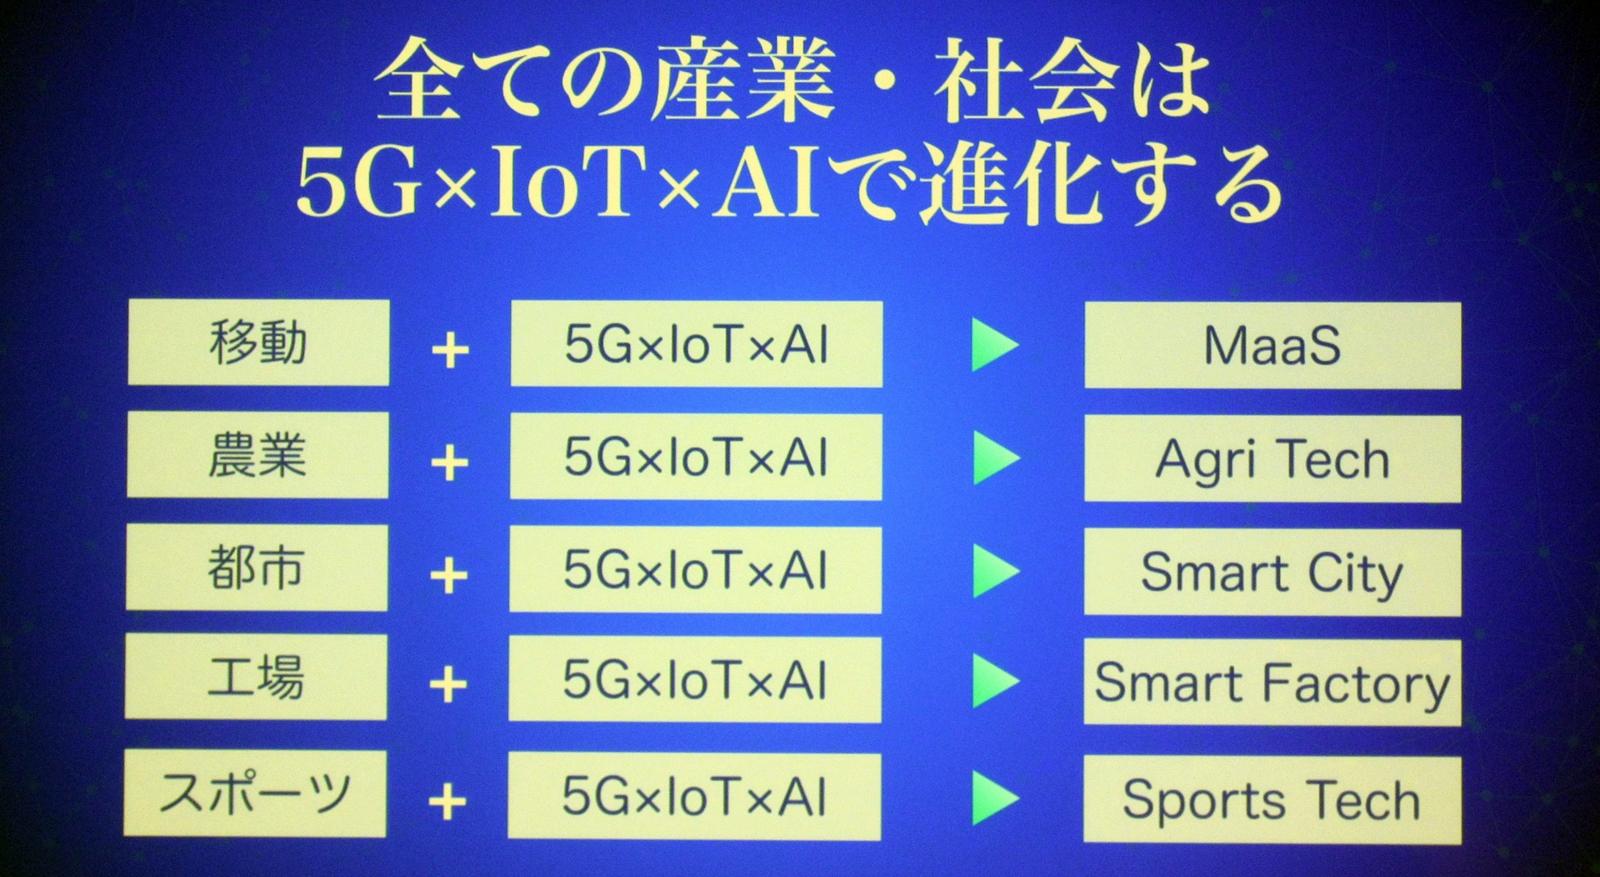 社会や産業は、5G×AI×IoTの組み合わせで進化すると紹介 (撮影:森元 美稀、以下同じ)